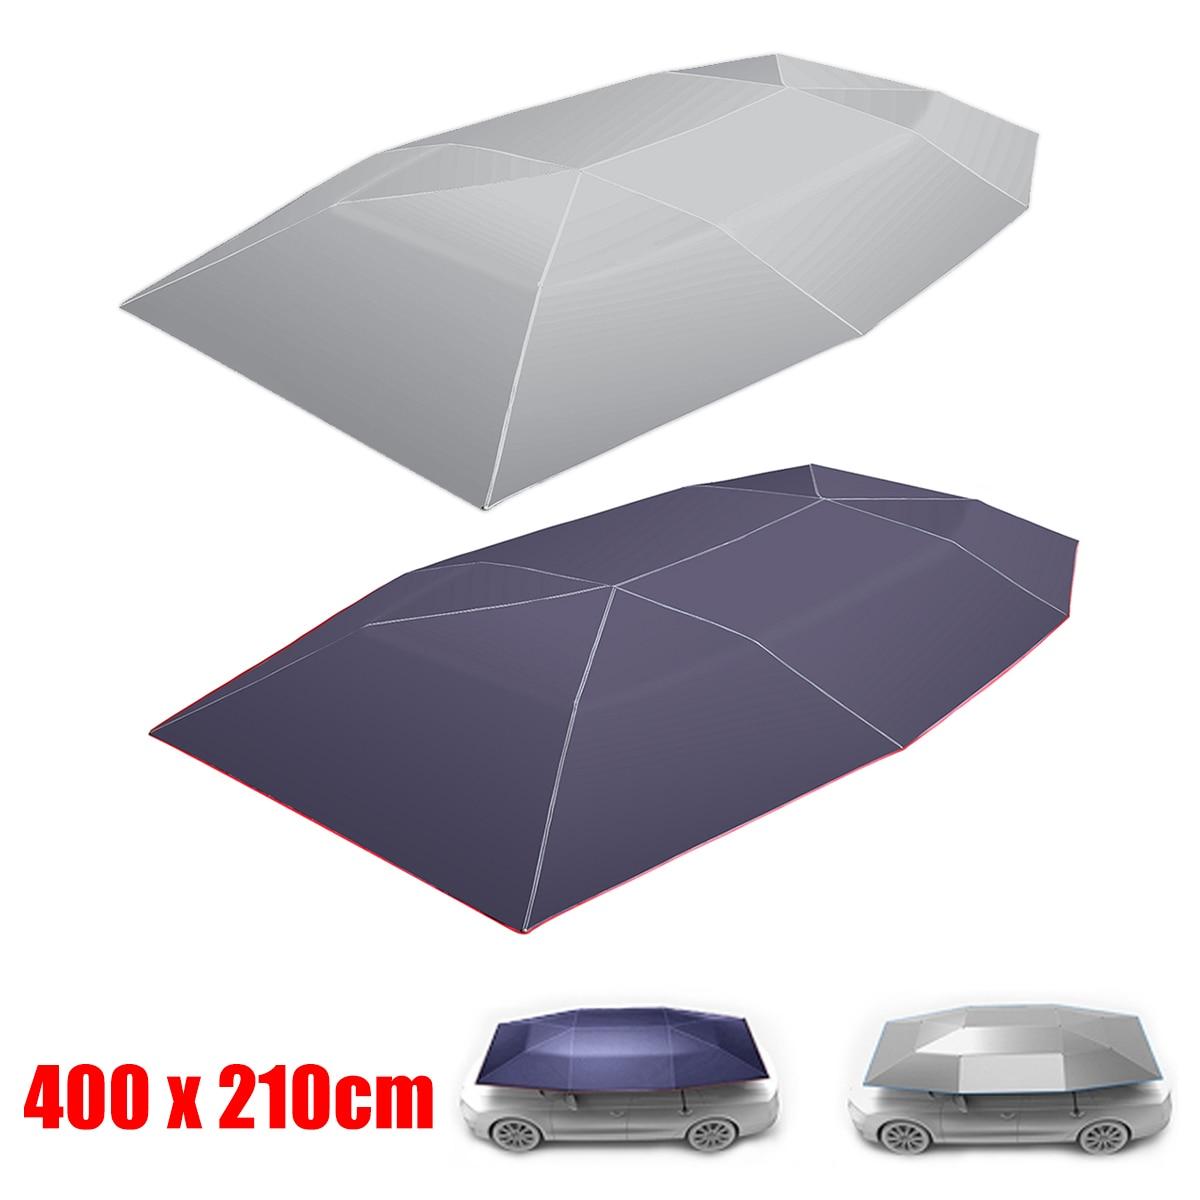 400x210 cm à distance automatique voiture parapluie parasol tente couverture de toit Anti-UV Protection chaude Protection extérieure ombre de soleil été